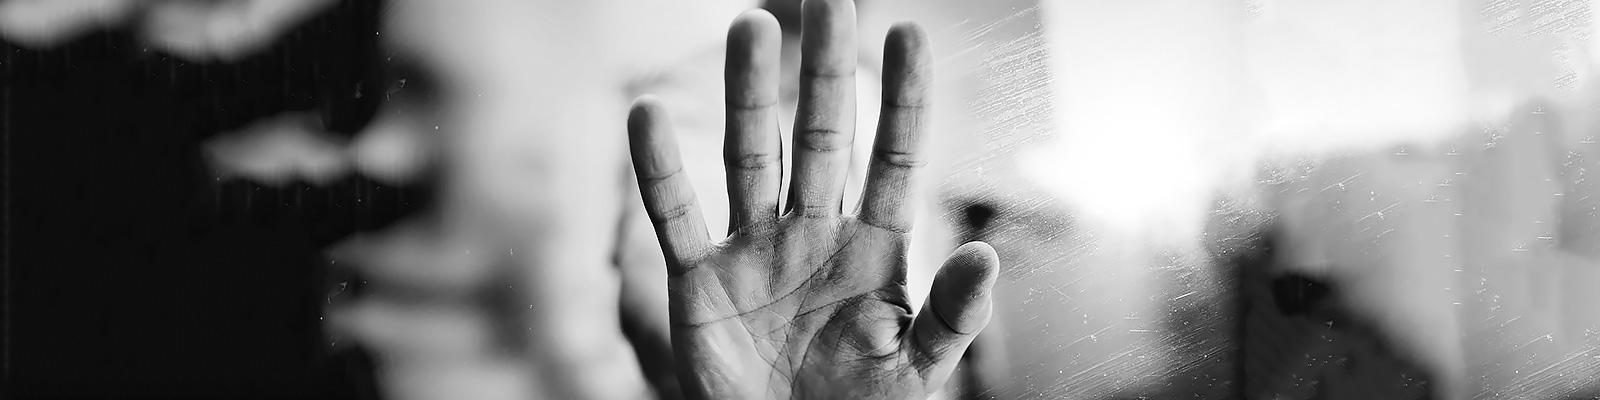 手 イメージ